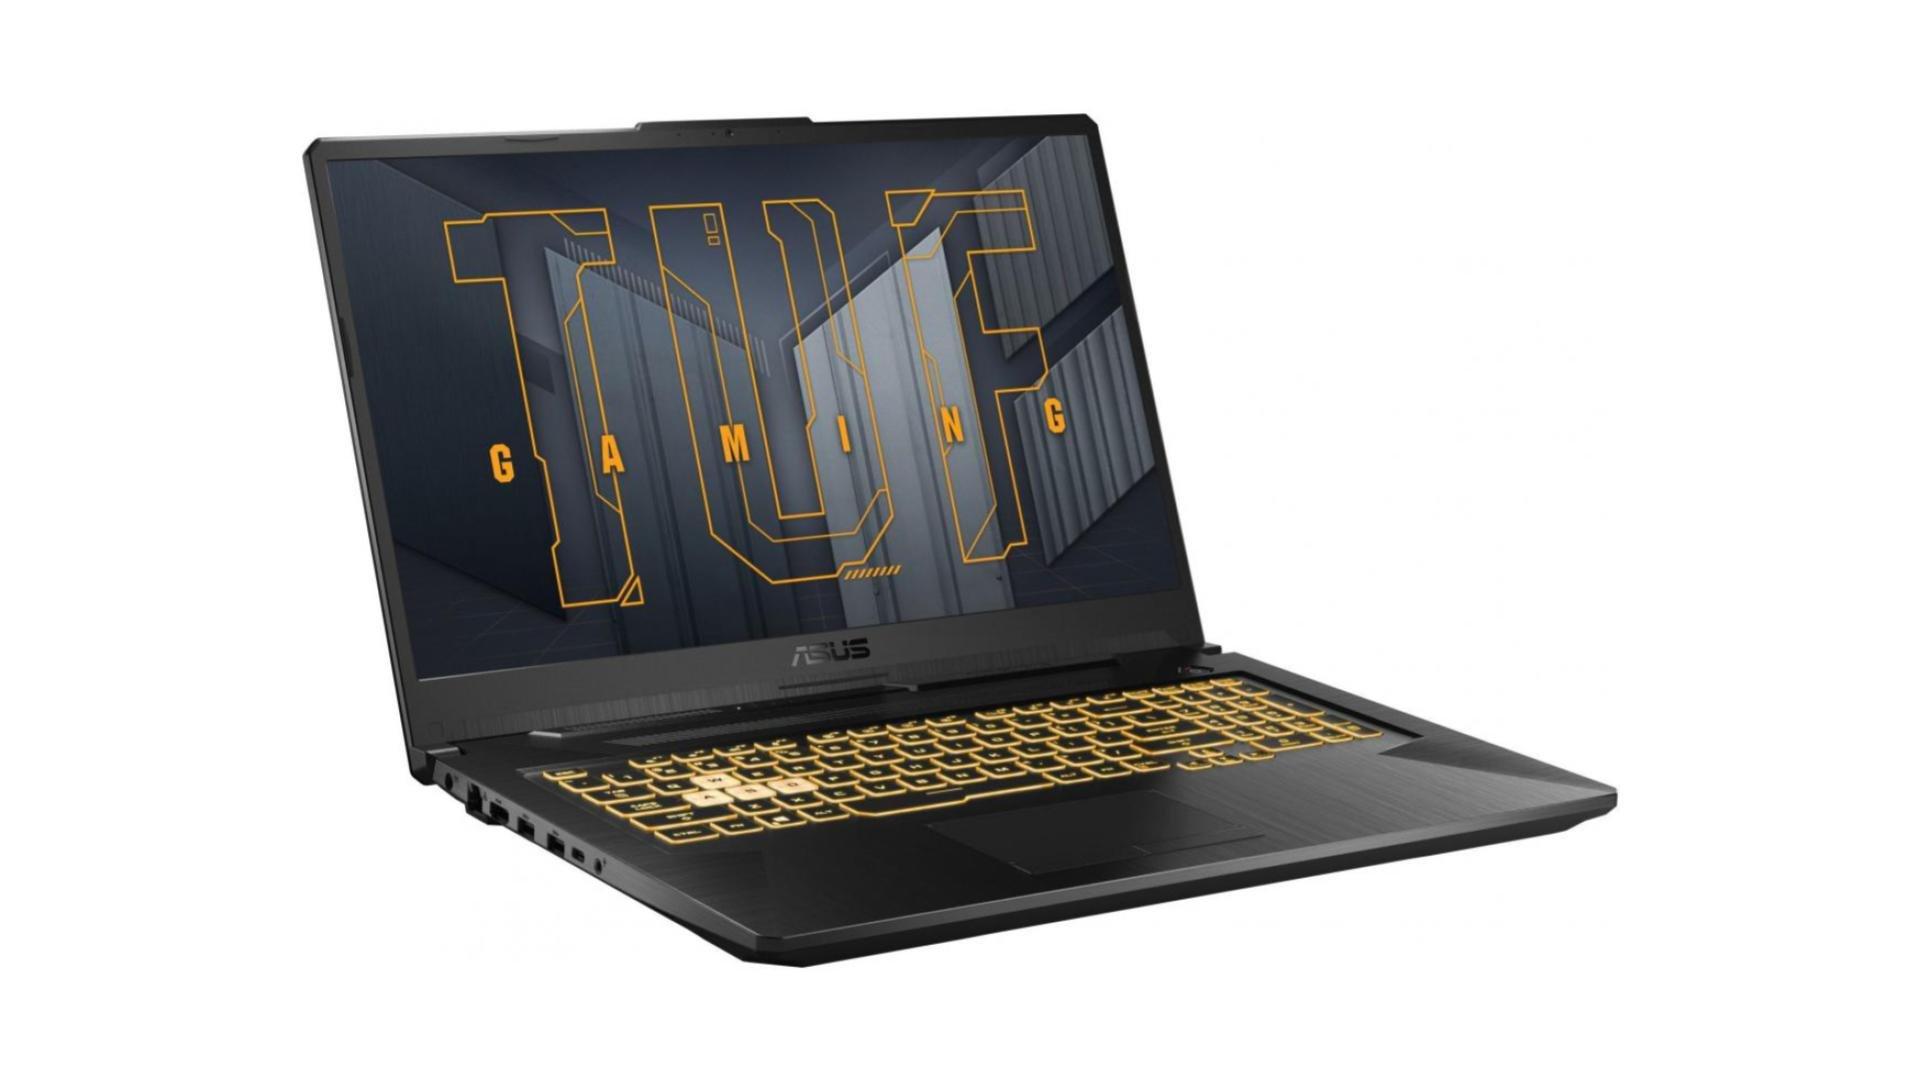 RTX 3070, Ryzen 5800H, écran 144 Hz et 11% de réduction sur ce laptop gaming - Journal du geek